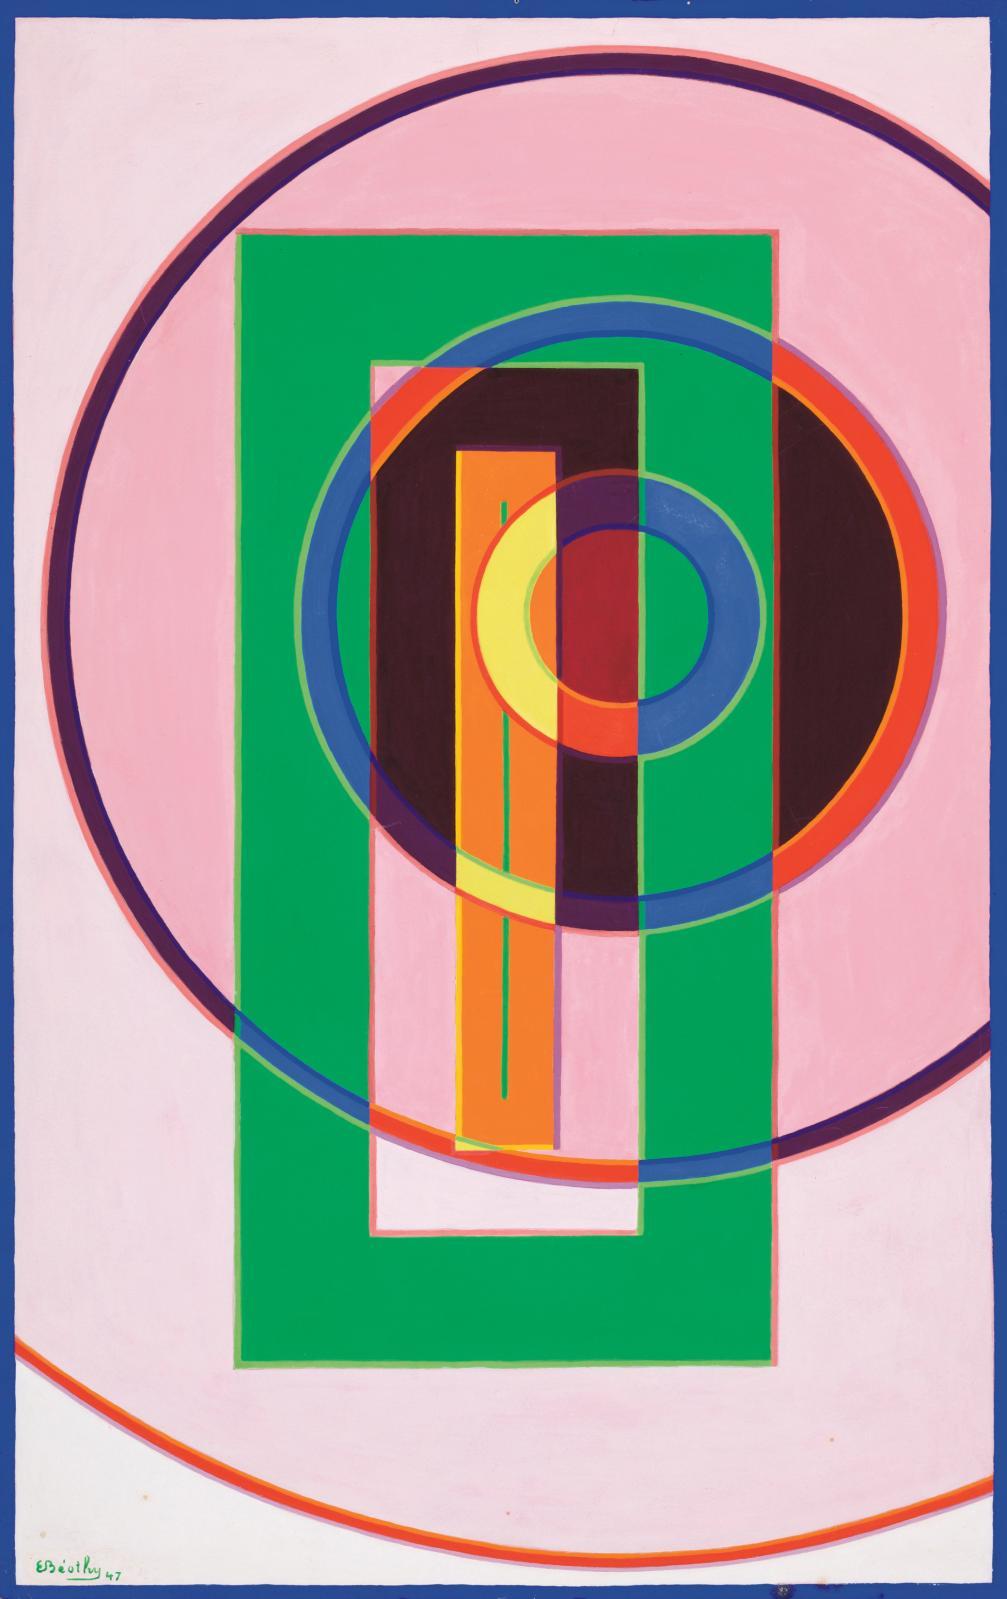 Étienne Béothy (1897-1961), Composition, 1947, gouache sur papier. Présenté par la galerieLe Minotaure durant le Paris Gallery Weekend. ©